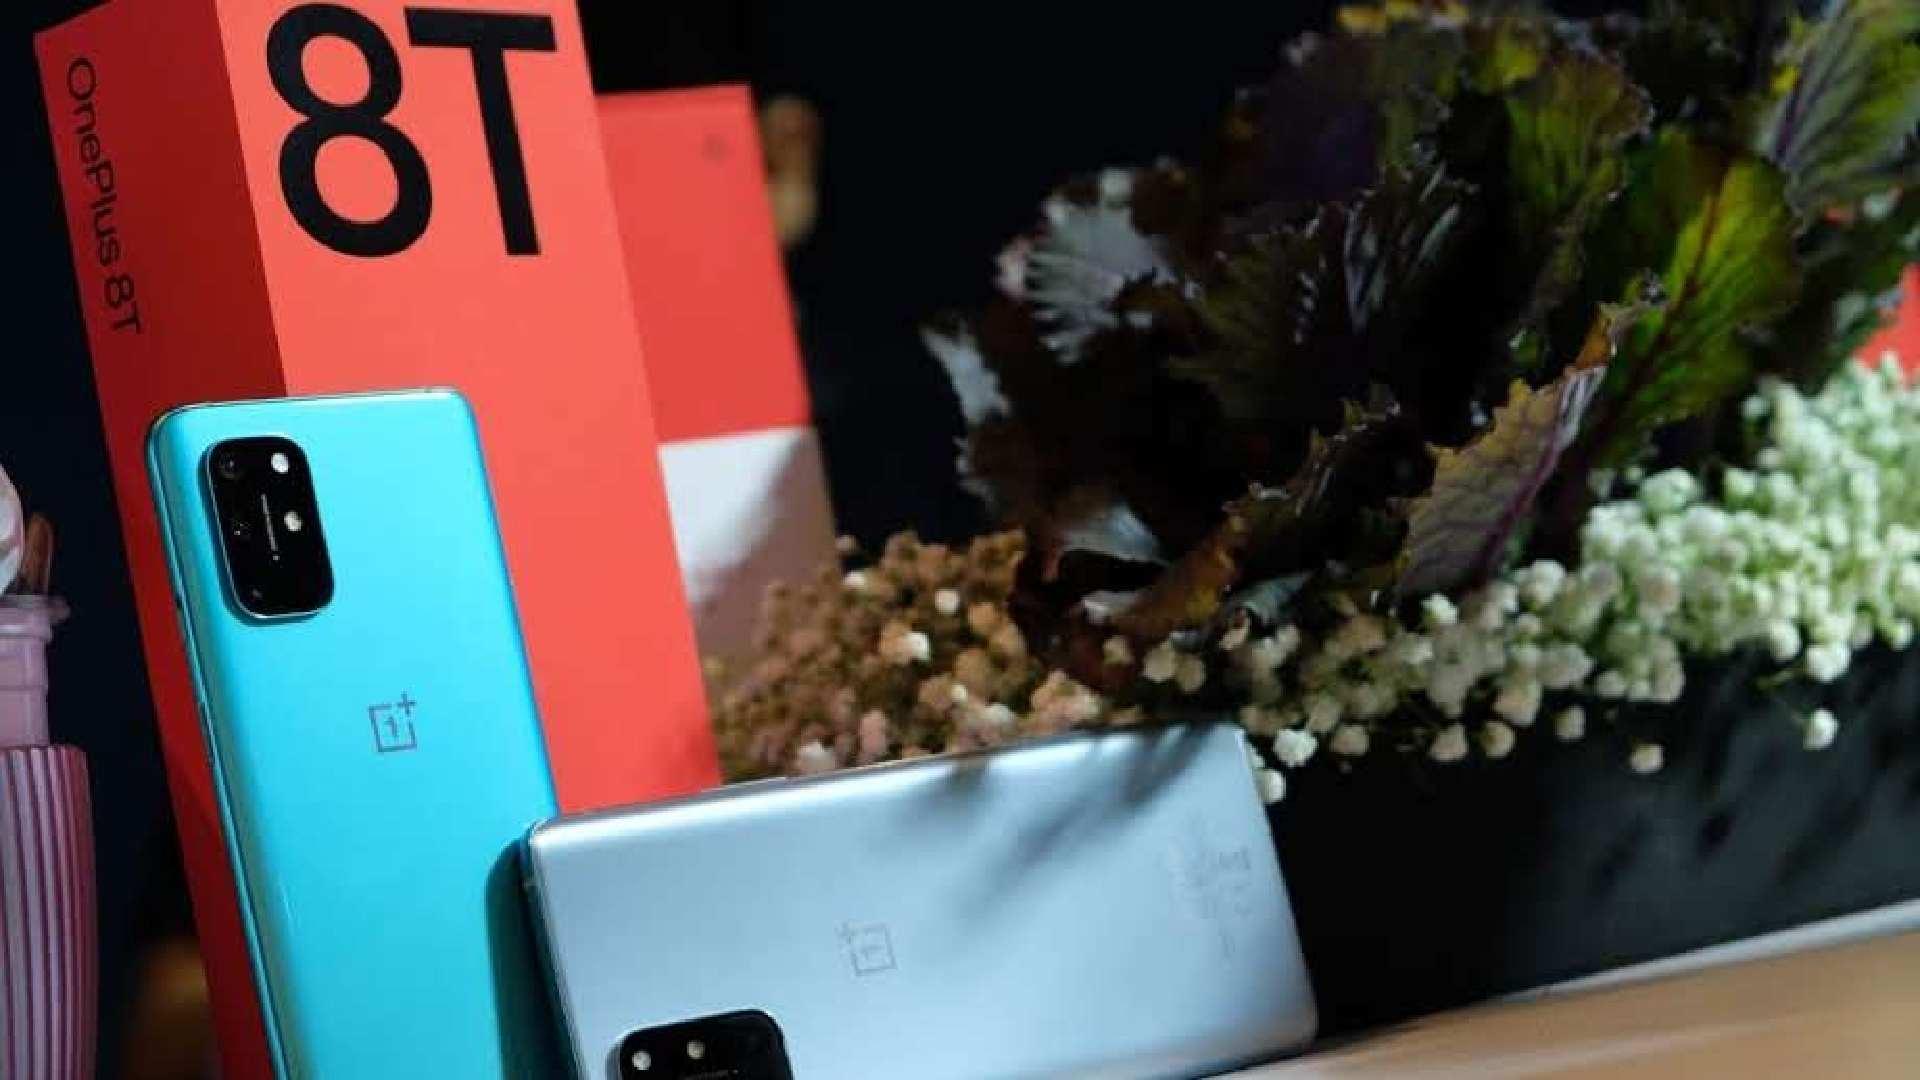 Dois celulares One Plus 8T apoiados em suas caixas ao lado de vaso de plantas